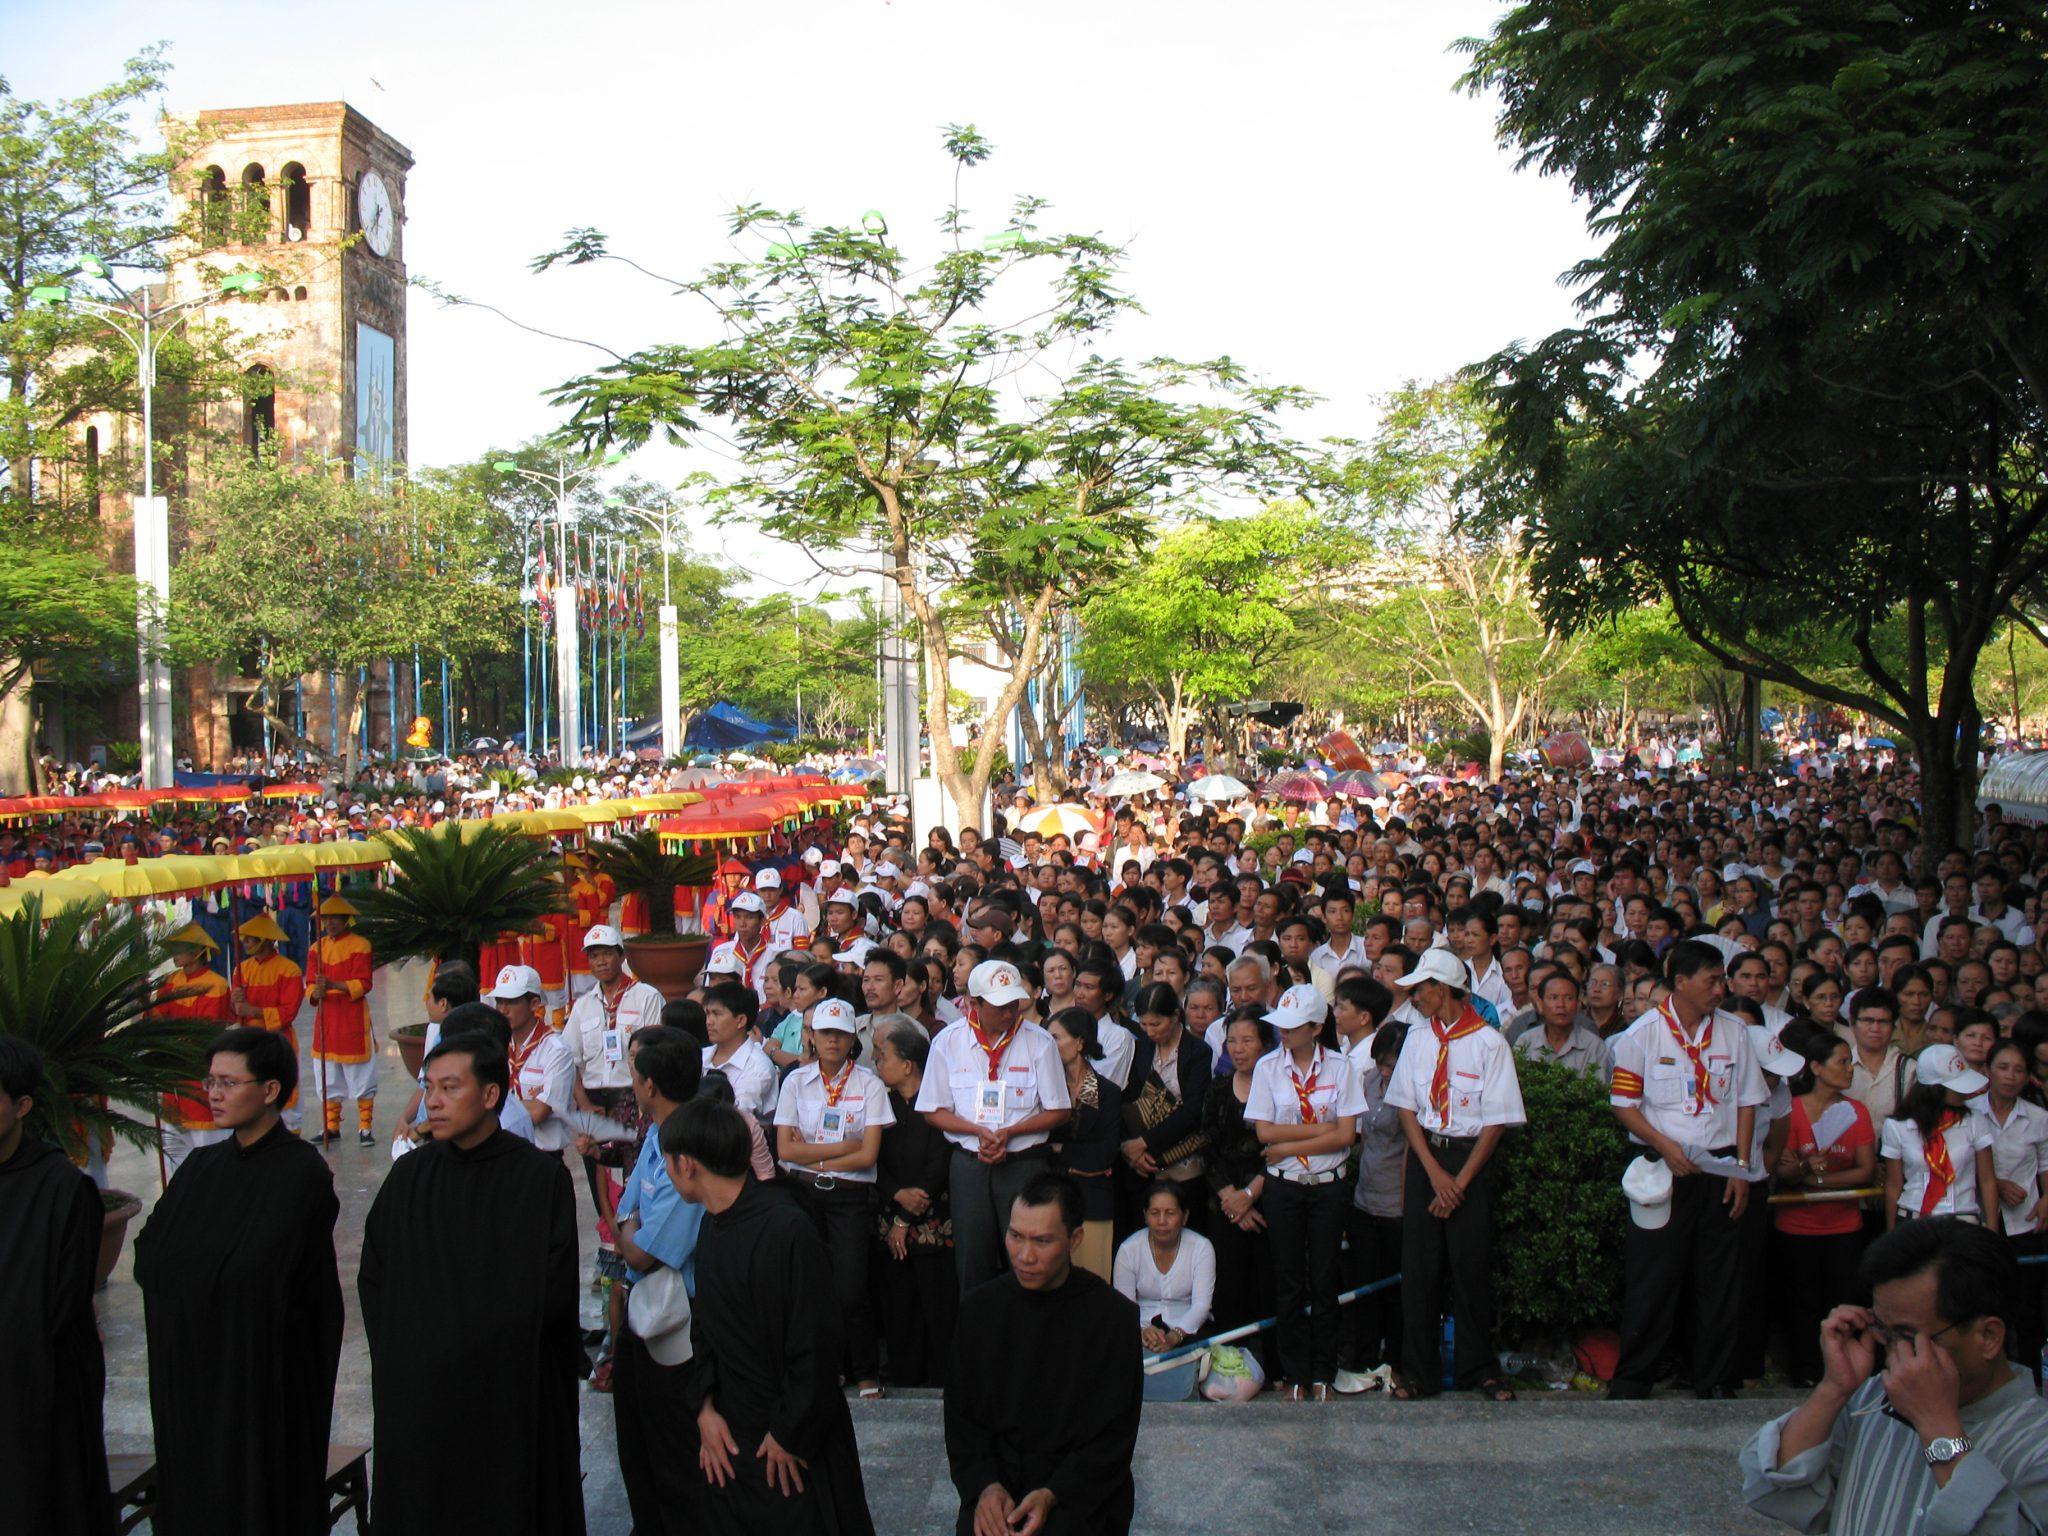 Công Giáo khắp nơi về Trung Tâm Thánh Mẫu La Vang đi kiệu và mừng Lễ Trọng Đức Mẹ Lên Trời